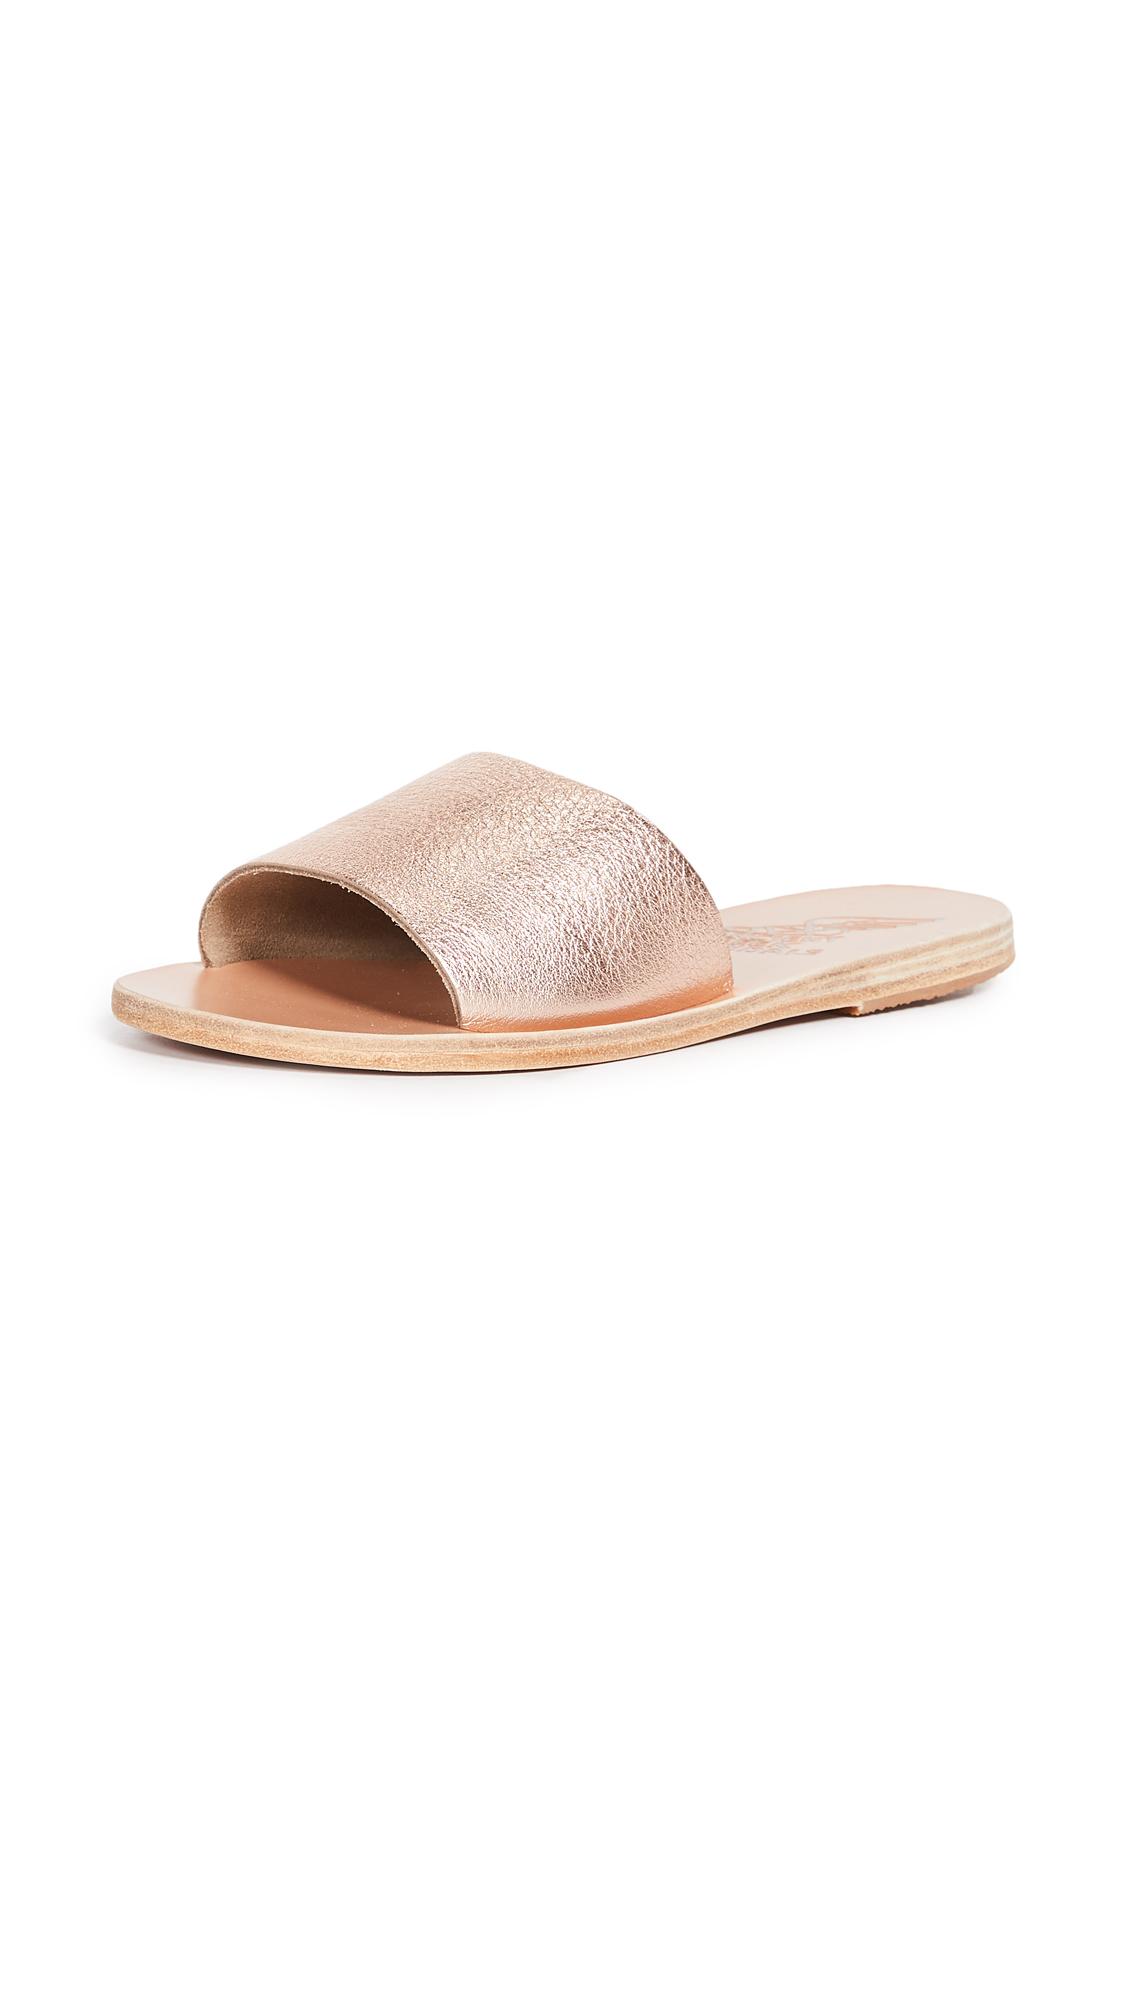 Ancient Greek Sandals Taygete Slides - Pink Metal/Sand